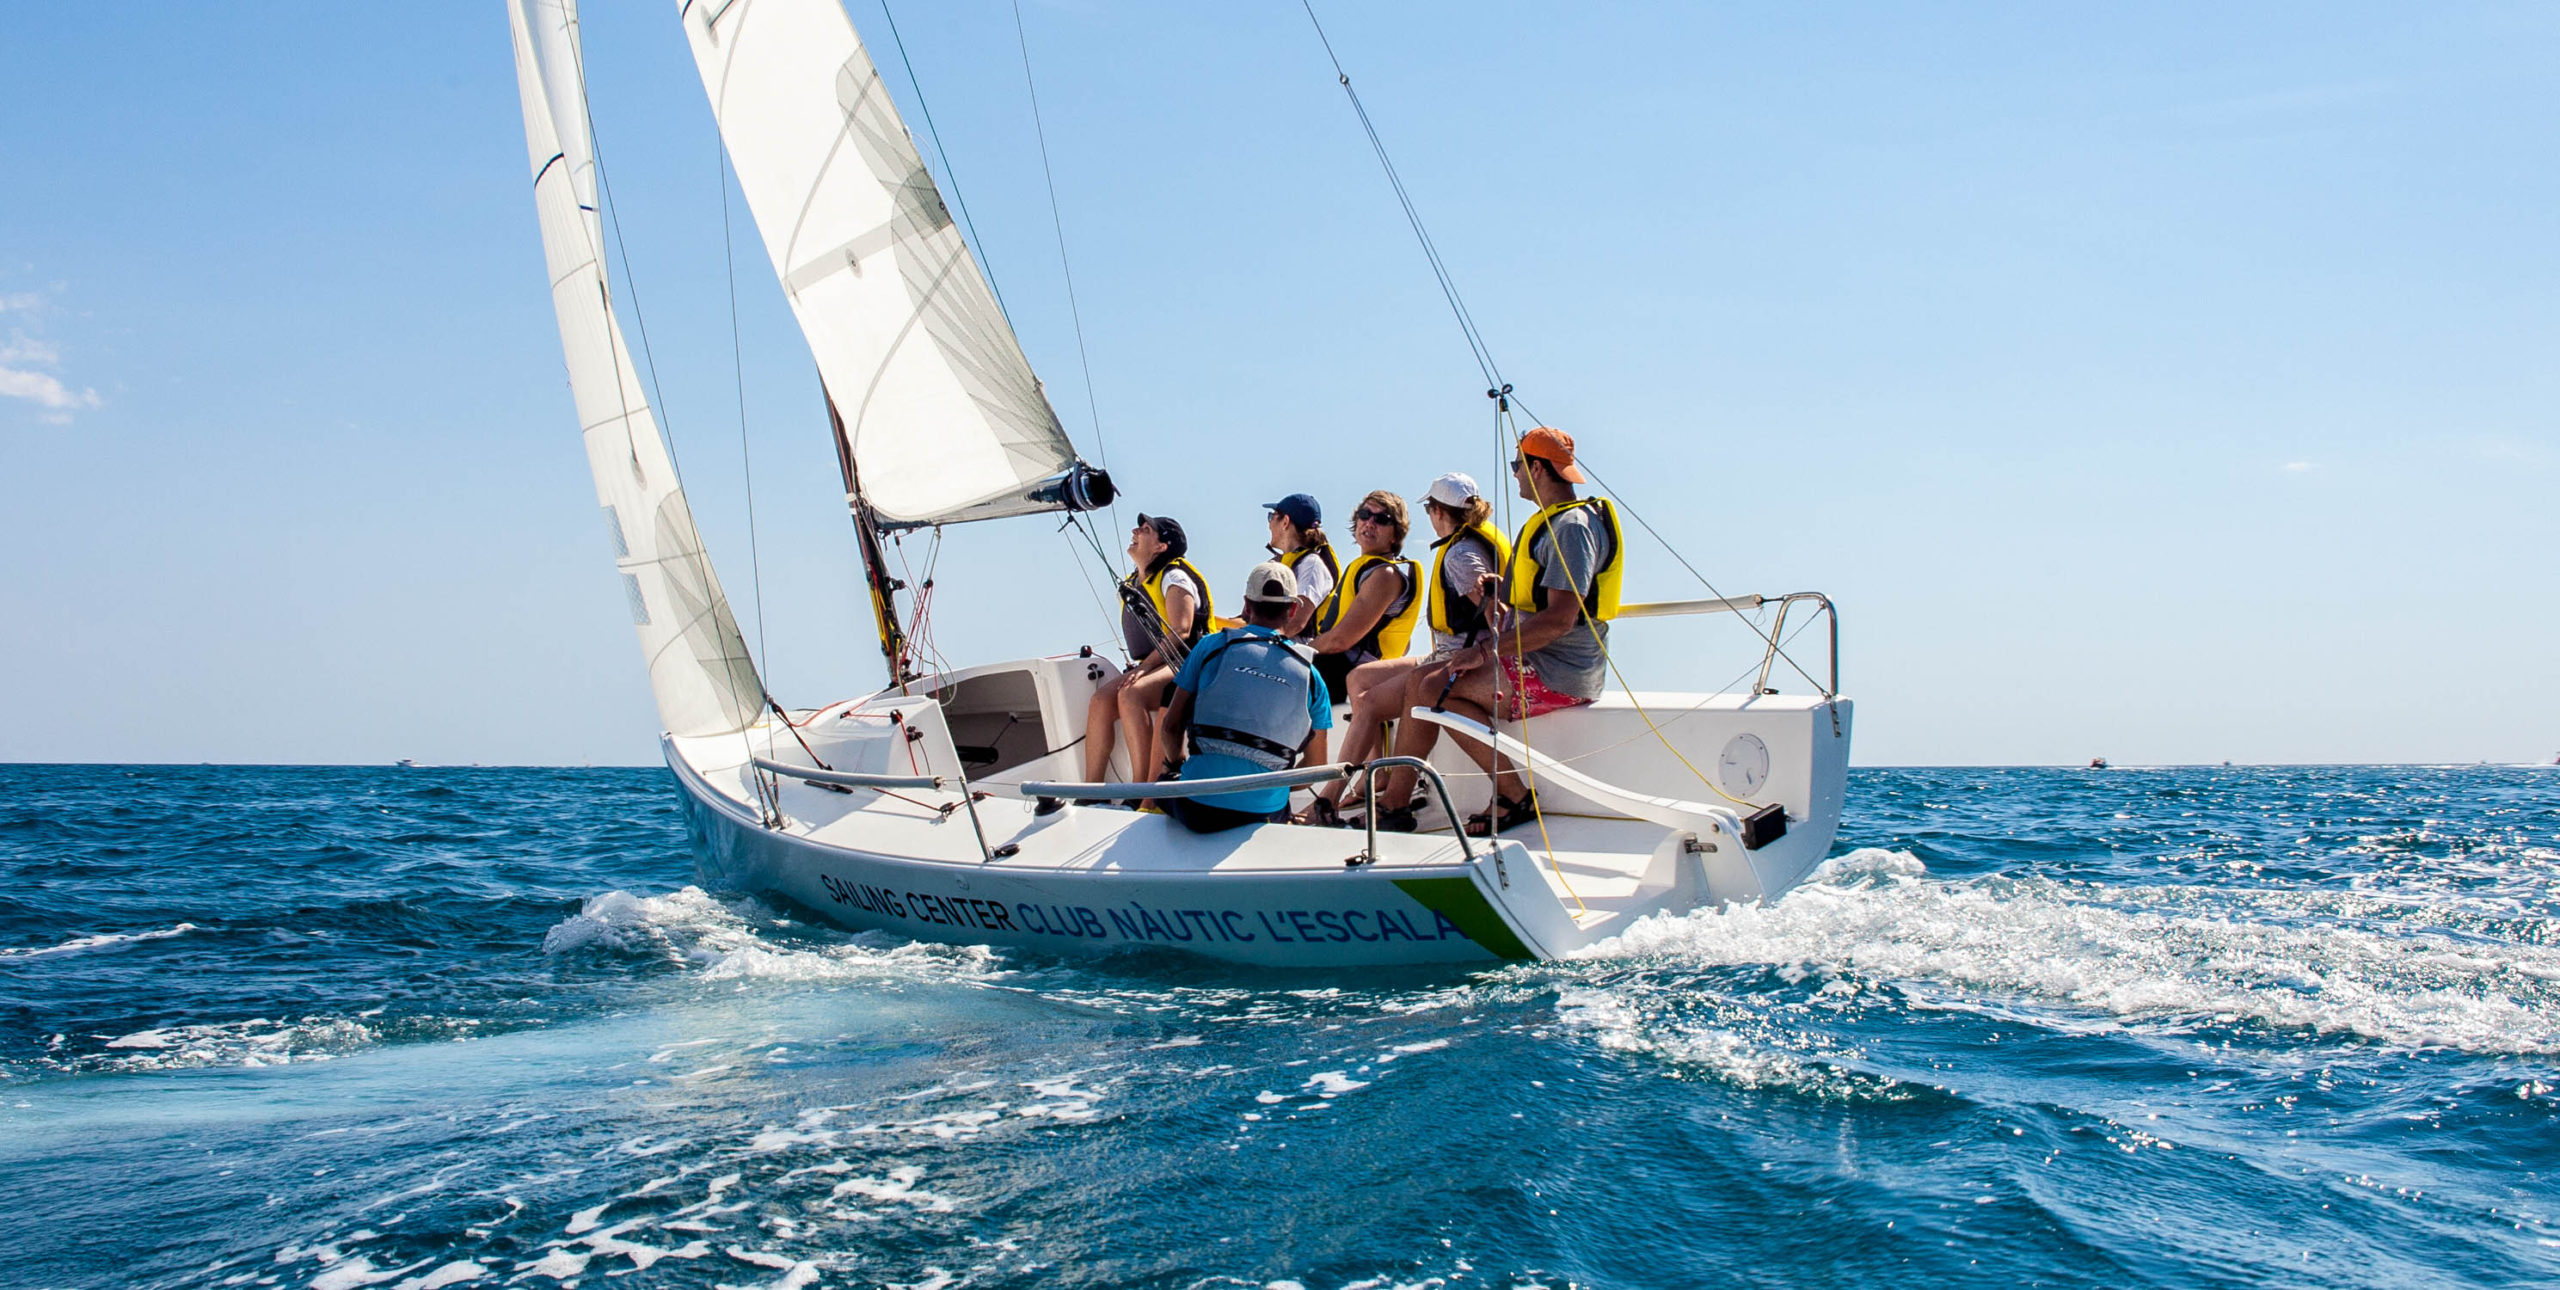 Empreses activitats - club nautic lescala - empordaturisme